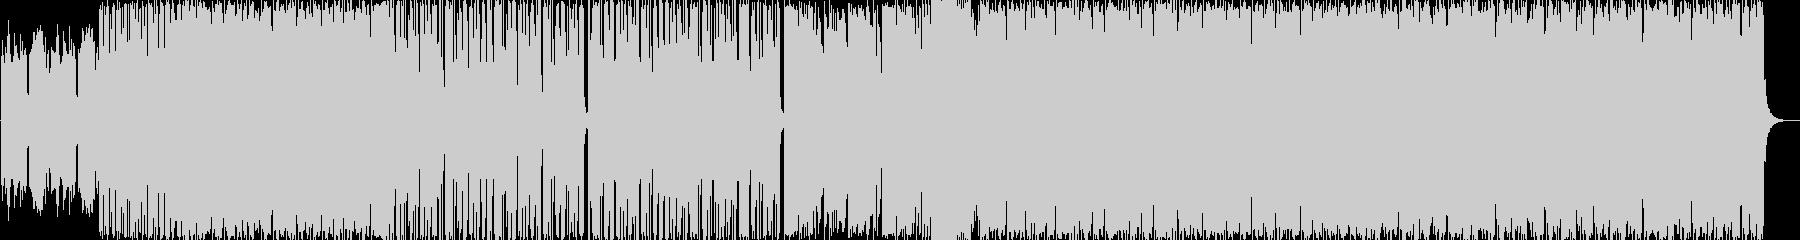 民族楽器が印象的なEDMの未再生の波形